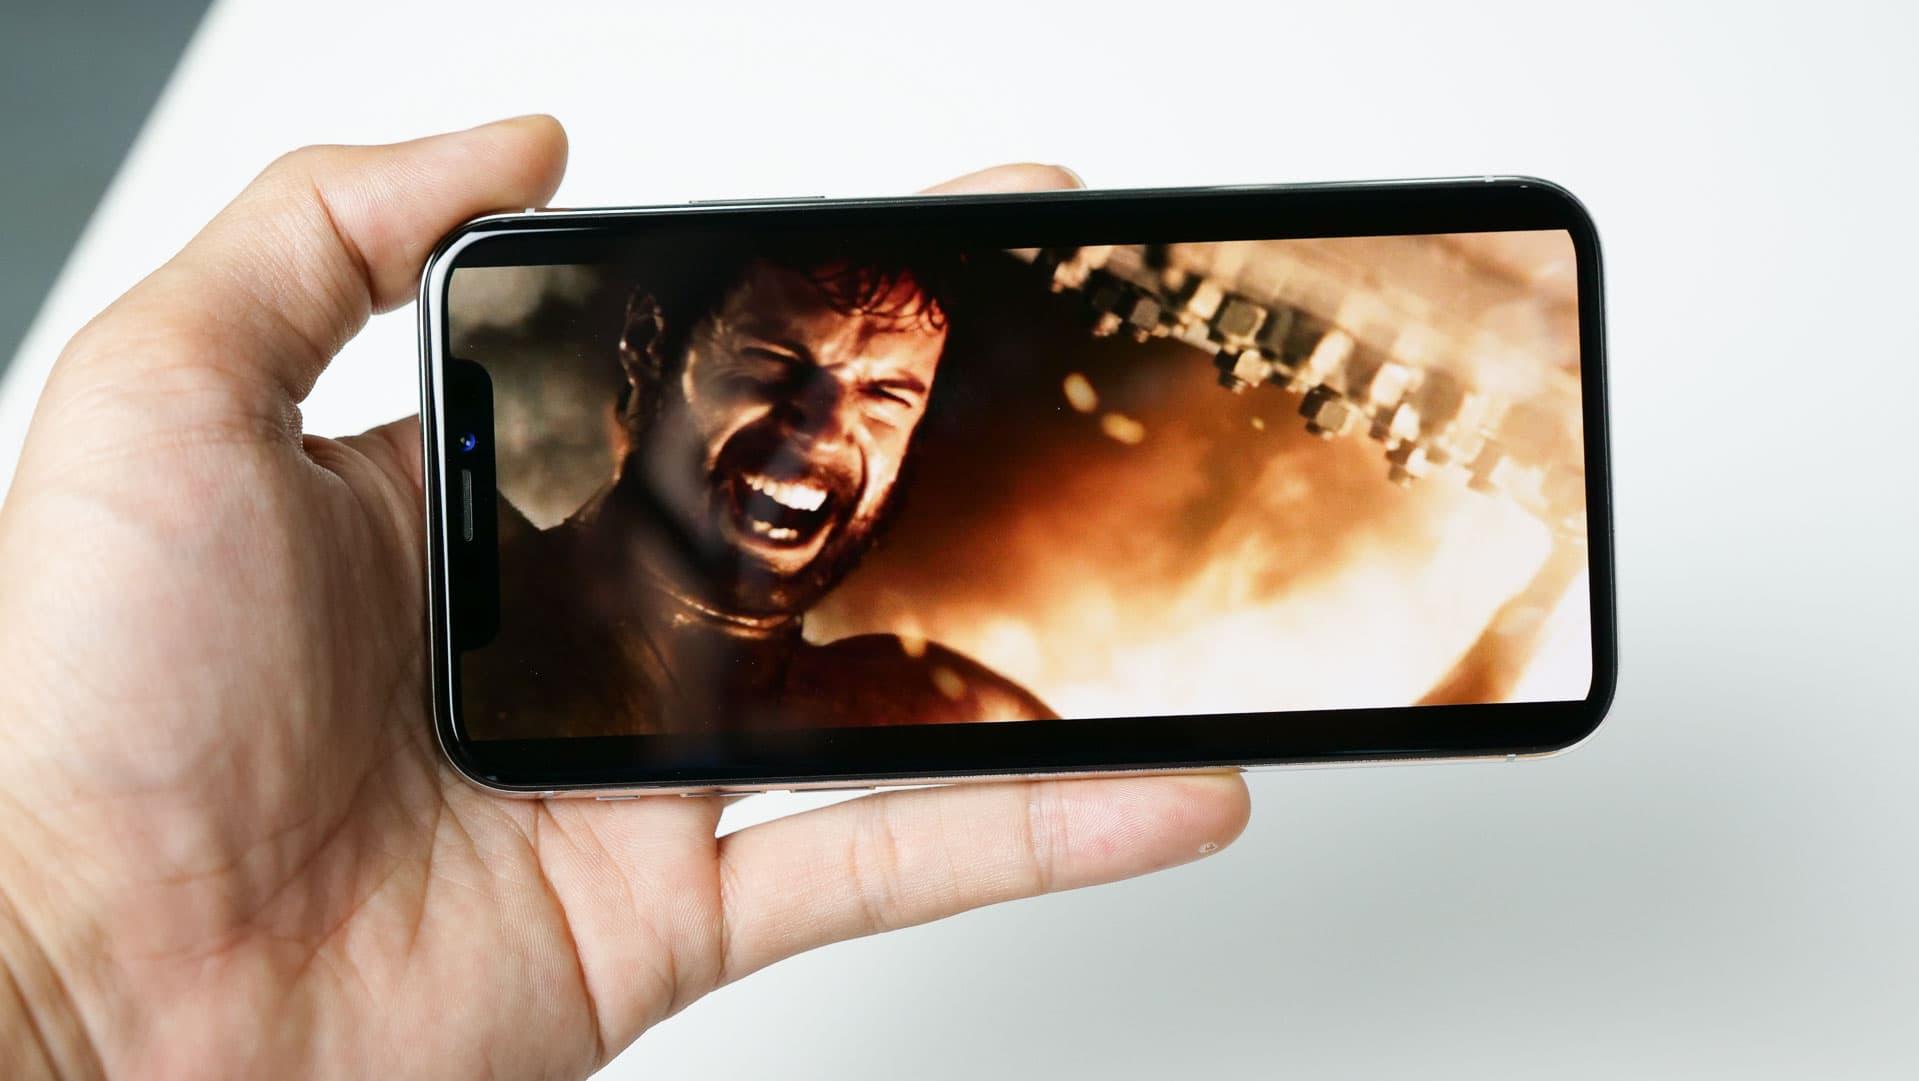 Iphone X Netflix Fill Screen 7532